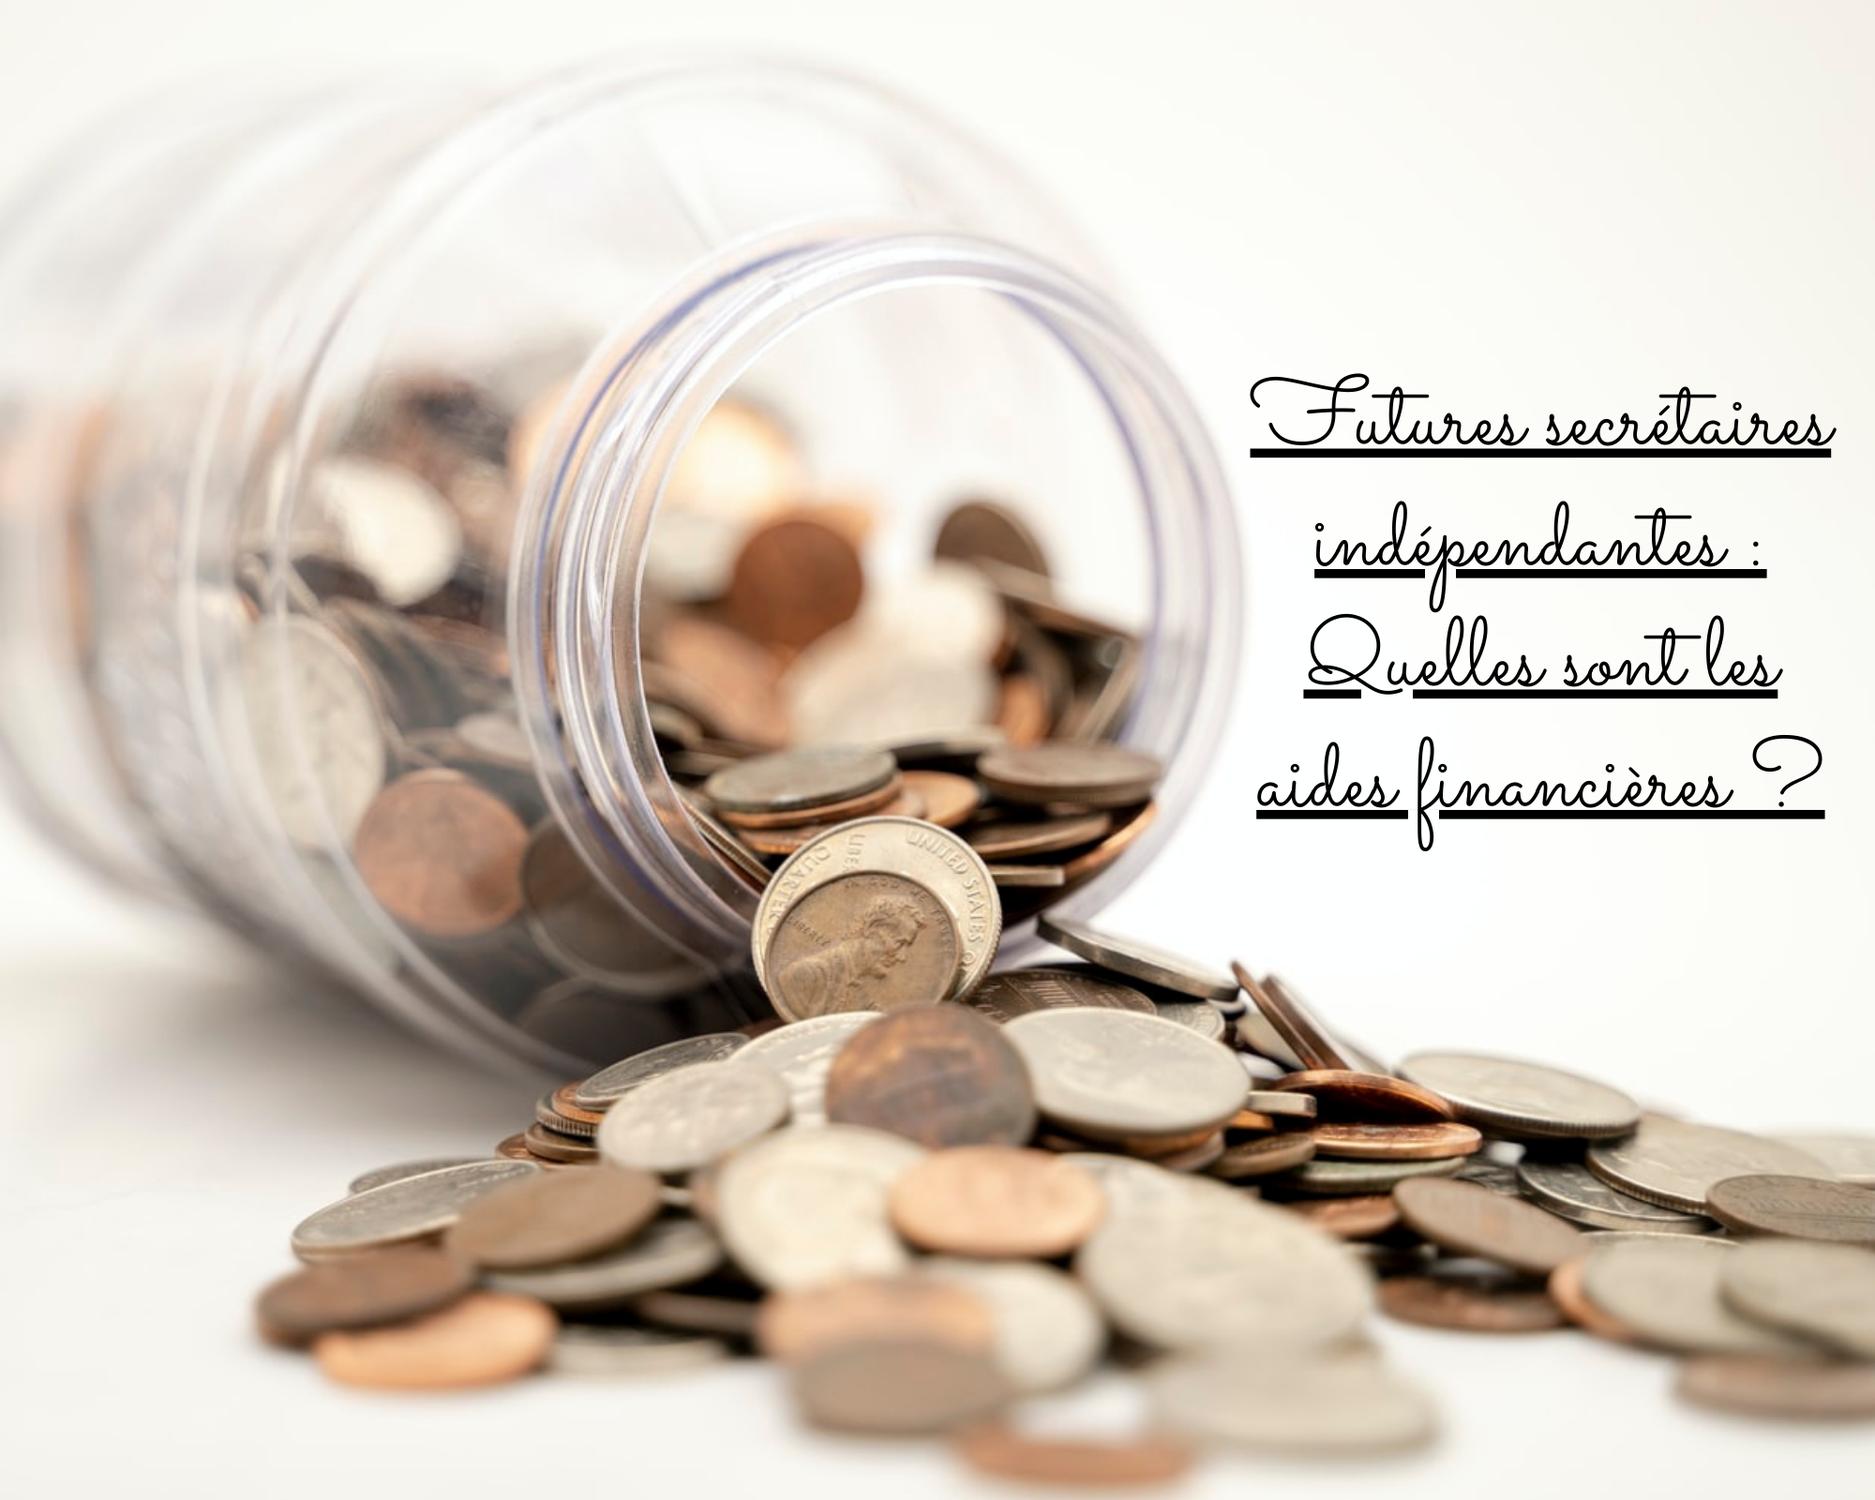 Quelles aides financières pour les futures secrétaires indépendantes?